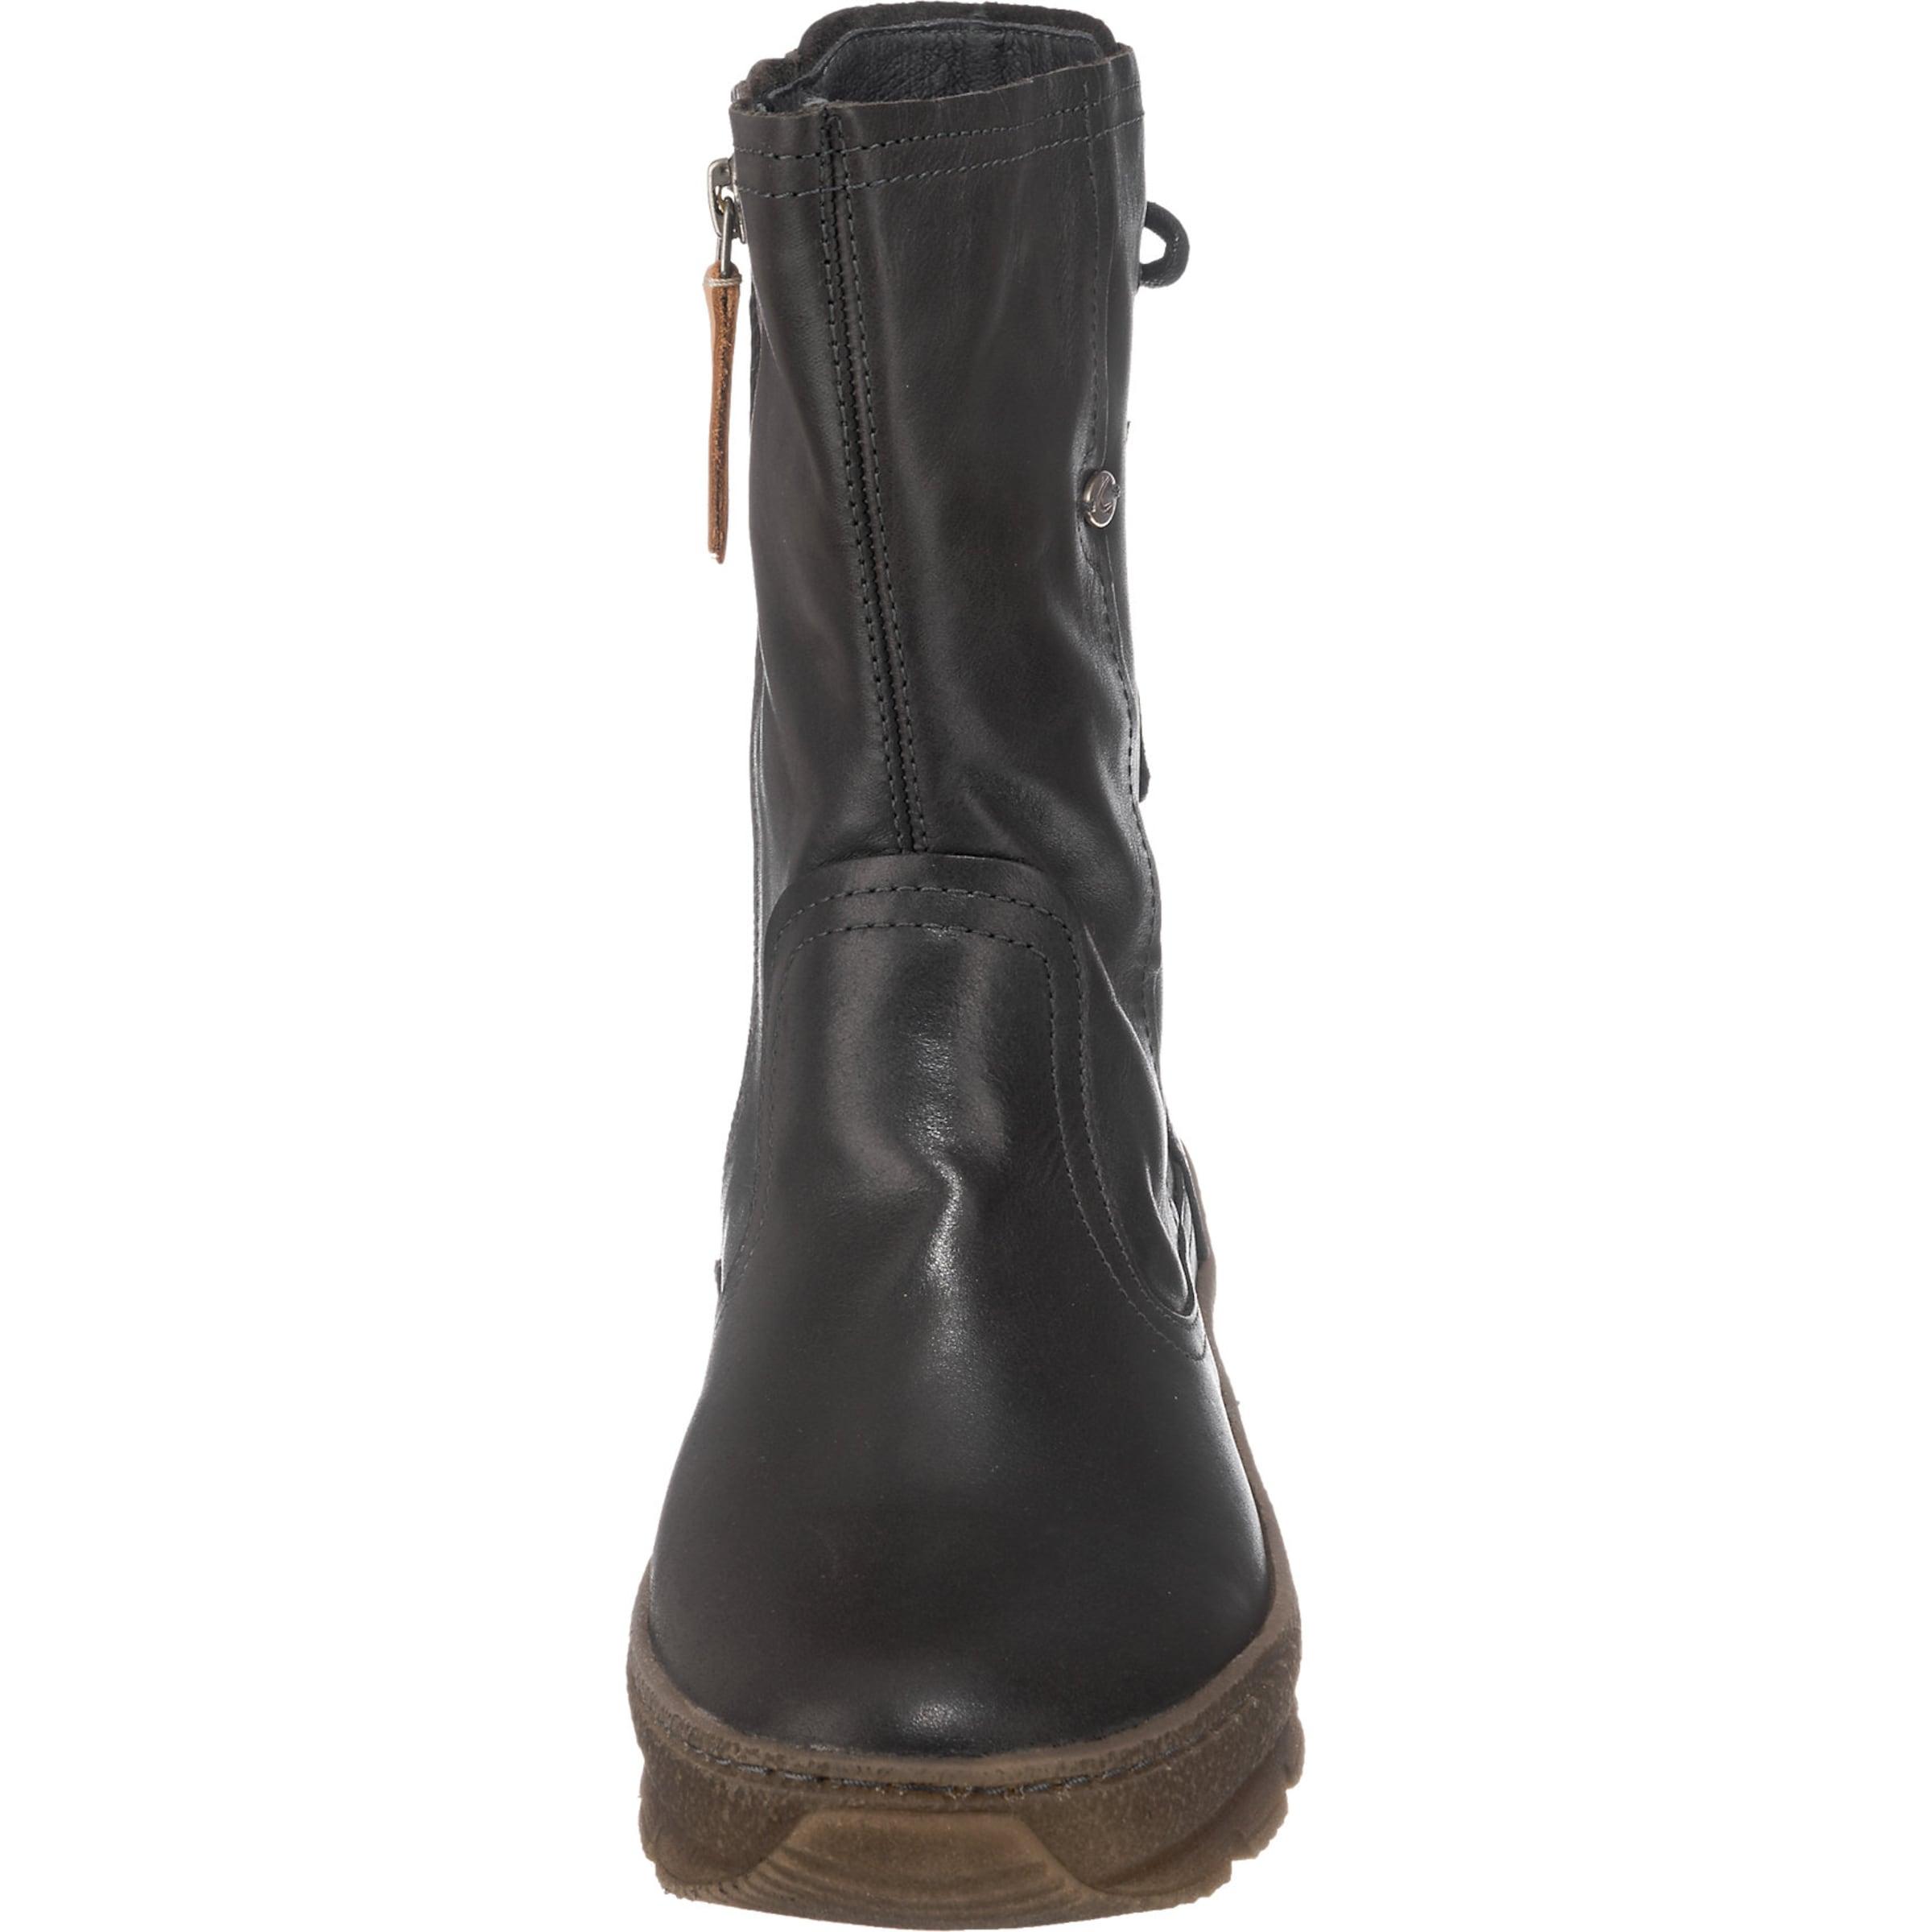 CAMEL ACTIVE 'Authentic 73' Stiefel Wählen Sie Eine Beste Günstig Online Große Diskont Verkauf Online xs0ncdga9t